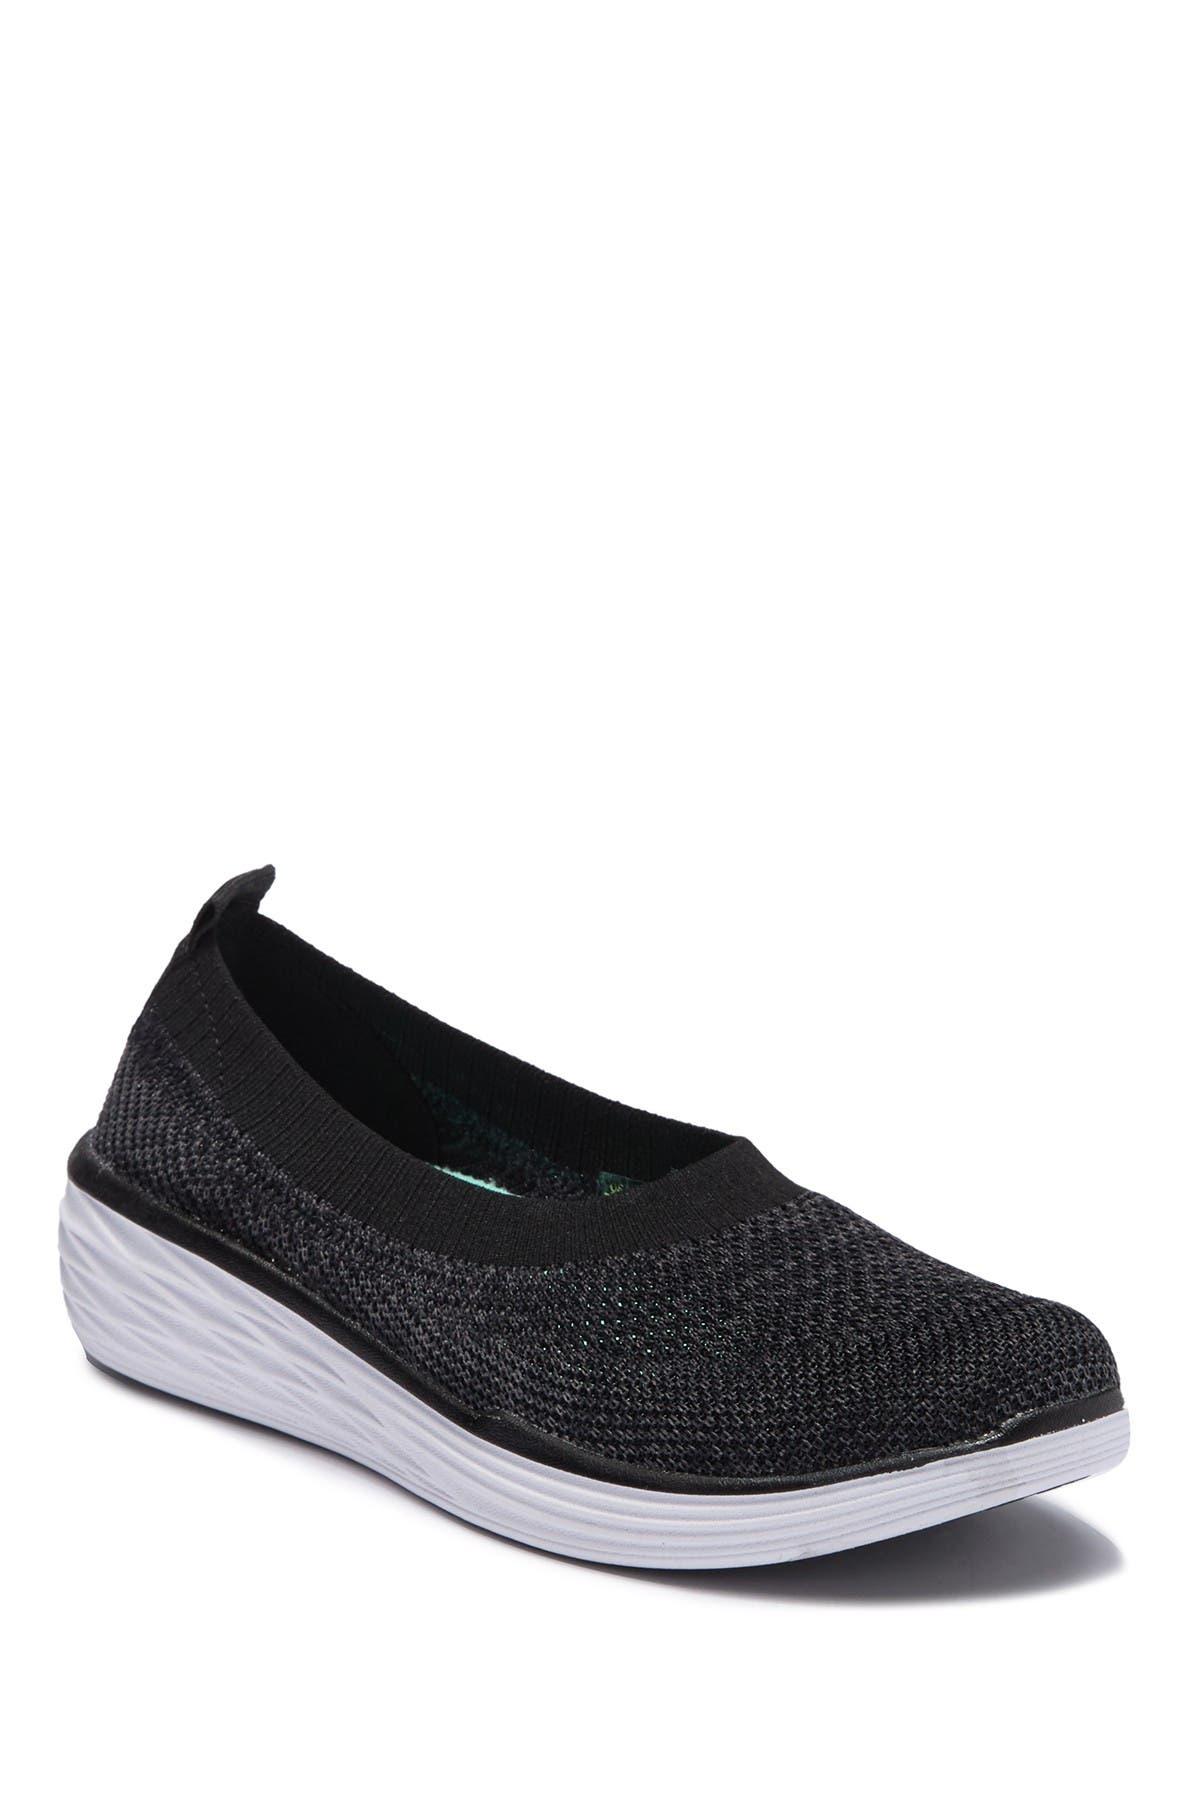 Ryka | Nell Walking Slip-On Sneaker